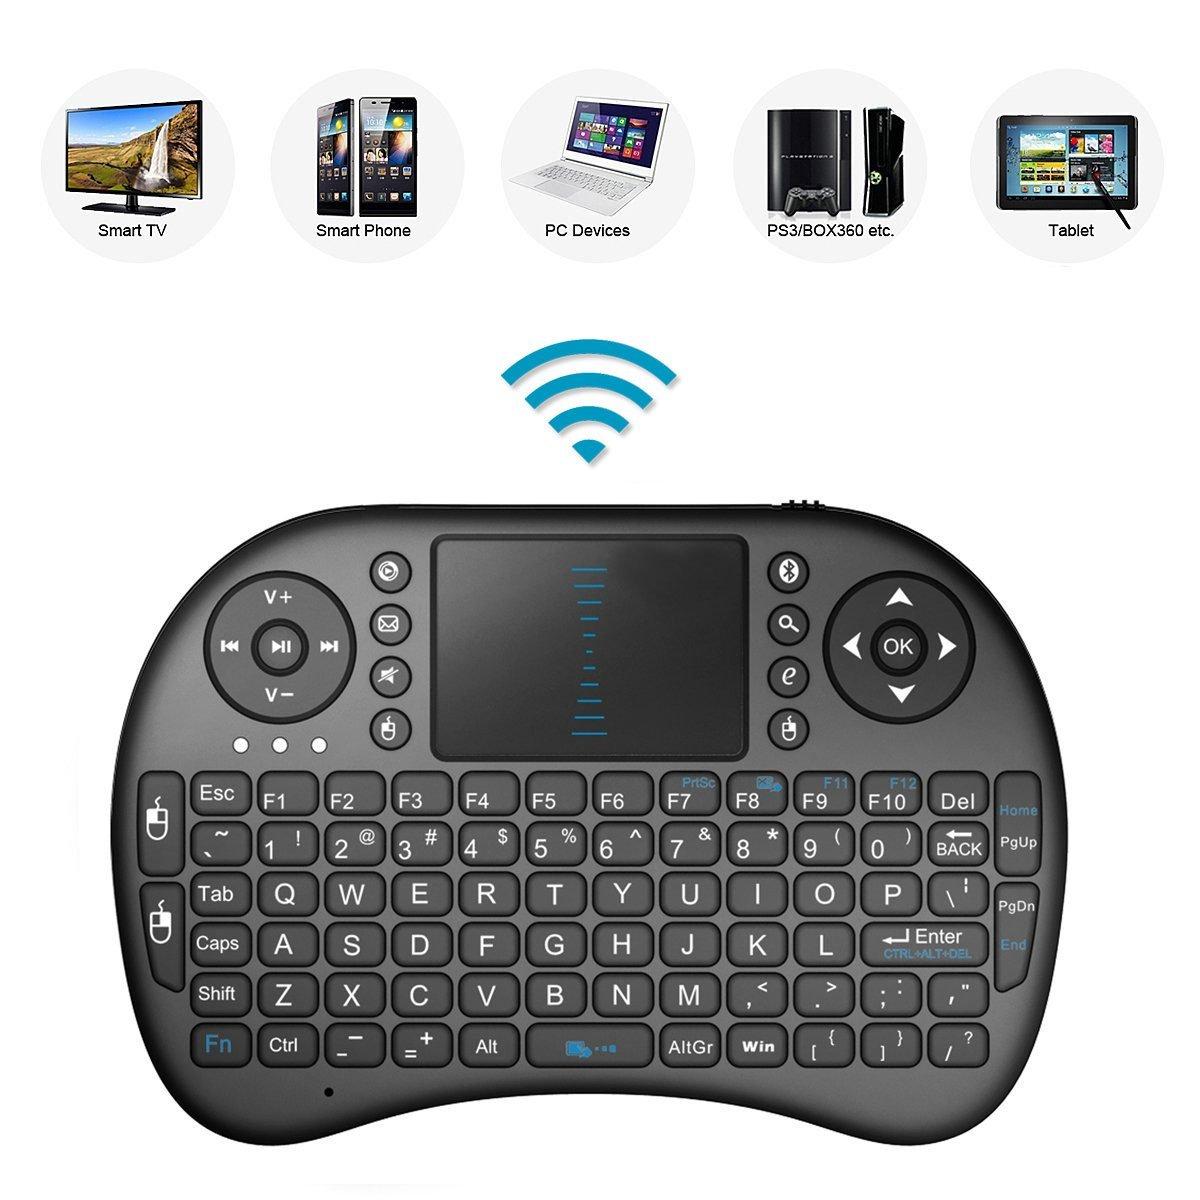 2,4 gHz Mini Mobile teclado inalámbrico con Touchpad Ratón, recargable Li-ion batería para Panasonic tx-49dxw654 tx-40dxw654 tx-55dxw604 Smart TV: Amazon.es: Informática